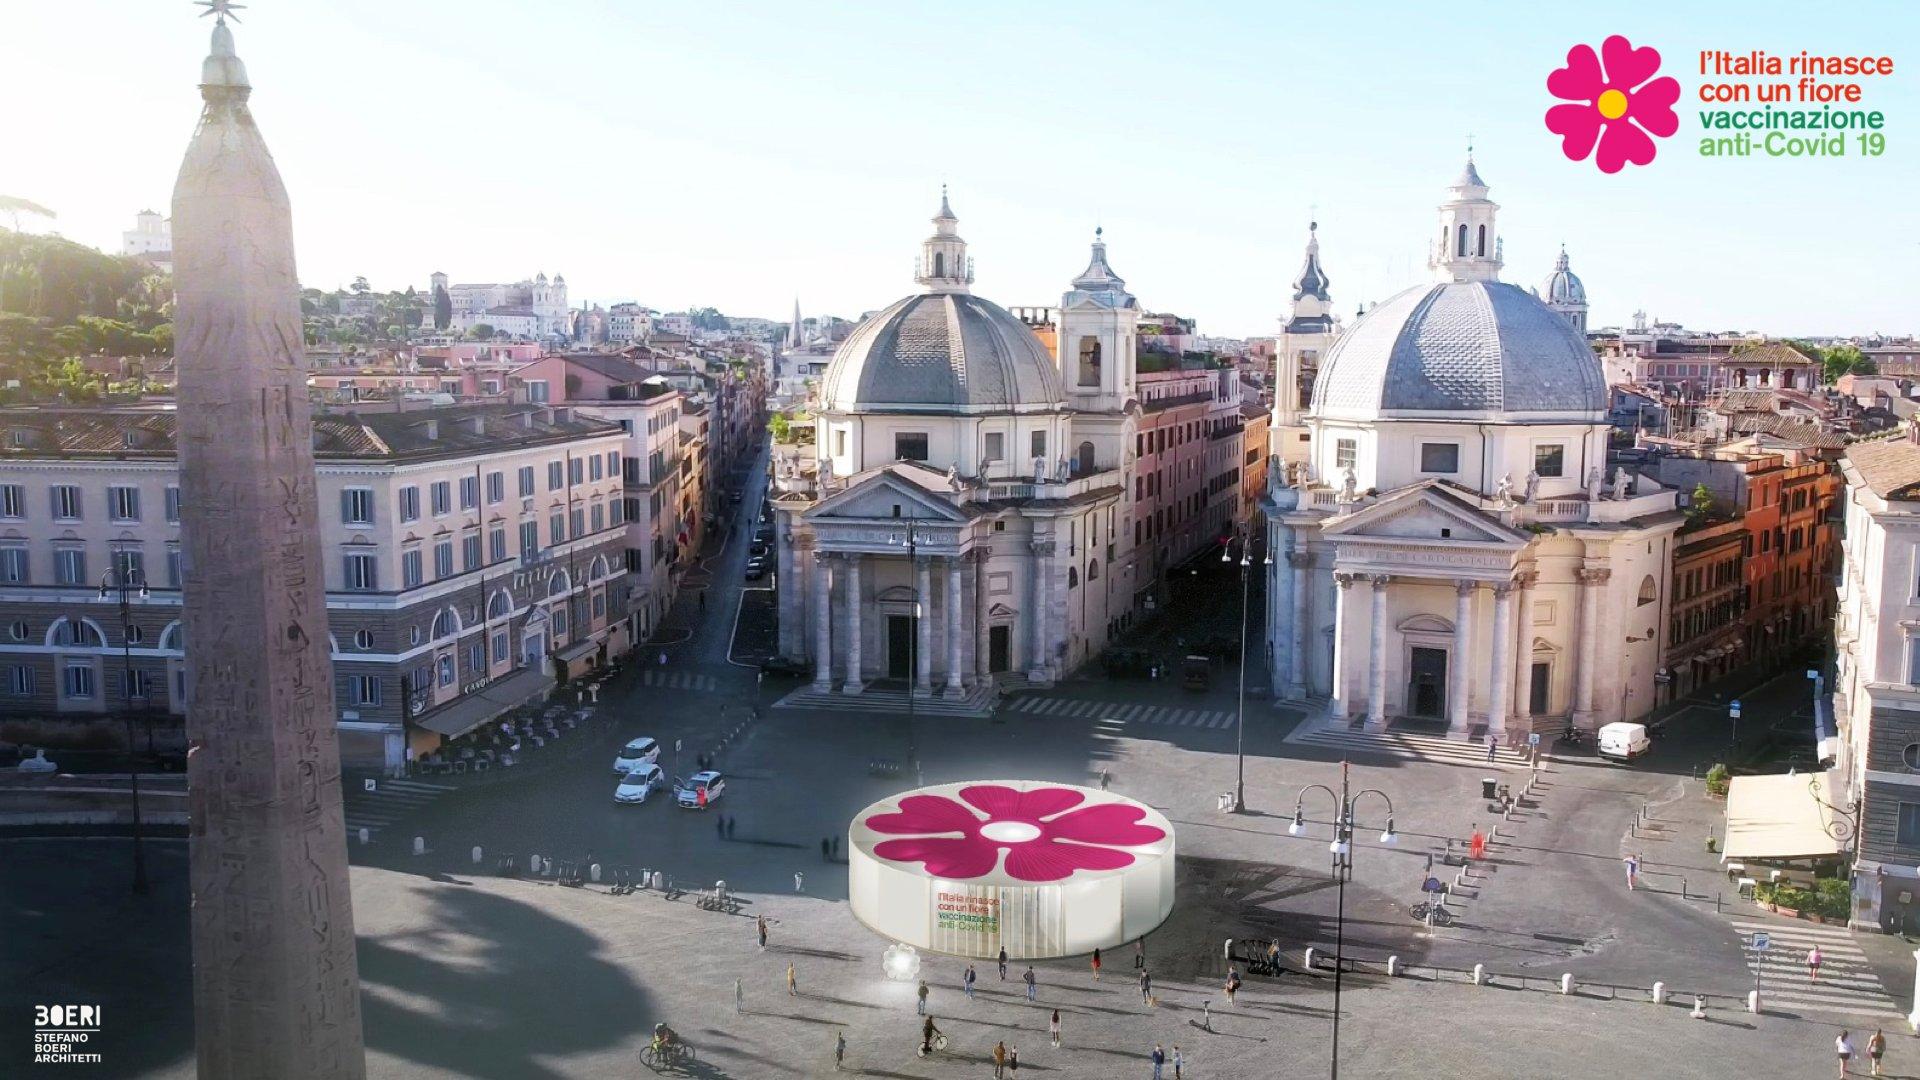 Anti-Covid-19-Impfstationen für Italien, 2020-2021. Rendering: Stefano Boeri Architetti